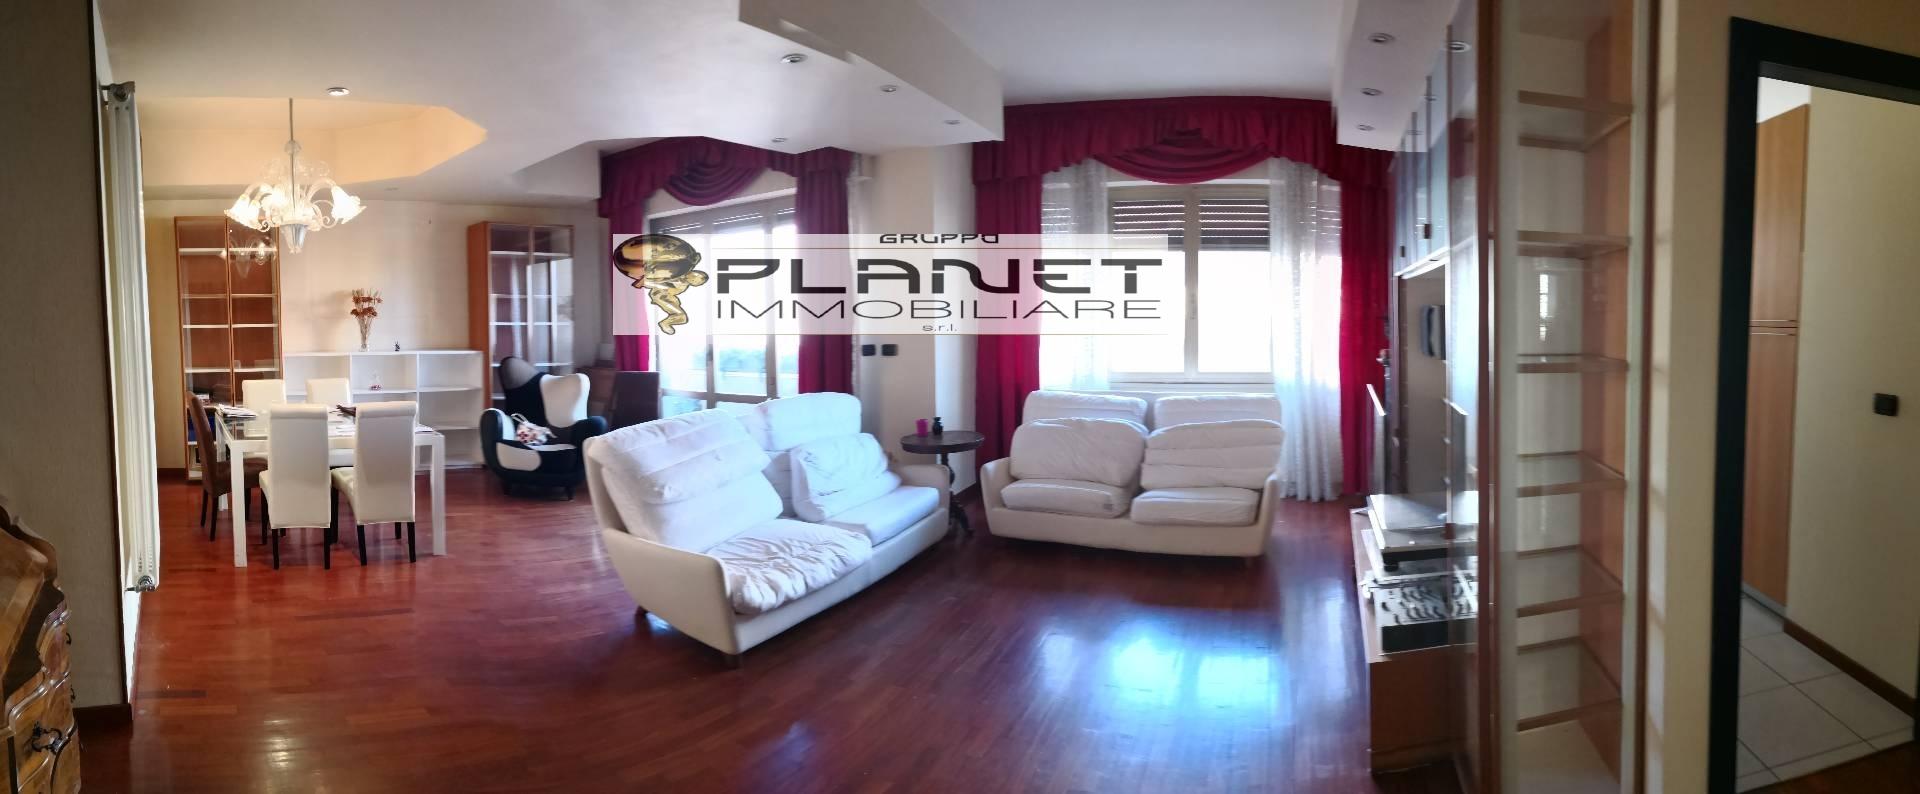 vendita appartamento arezzo arezzo  200000 euro  3 locali  120 mq